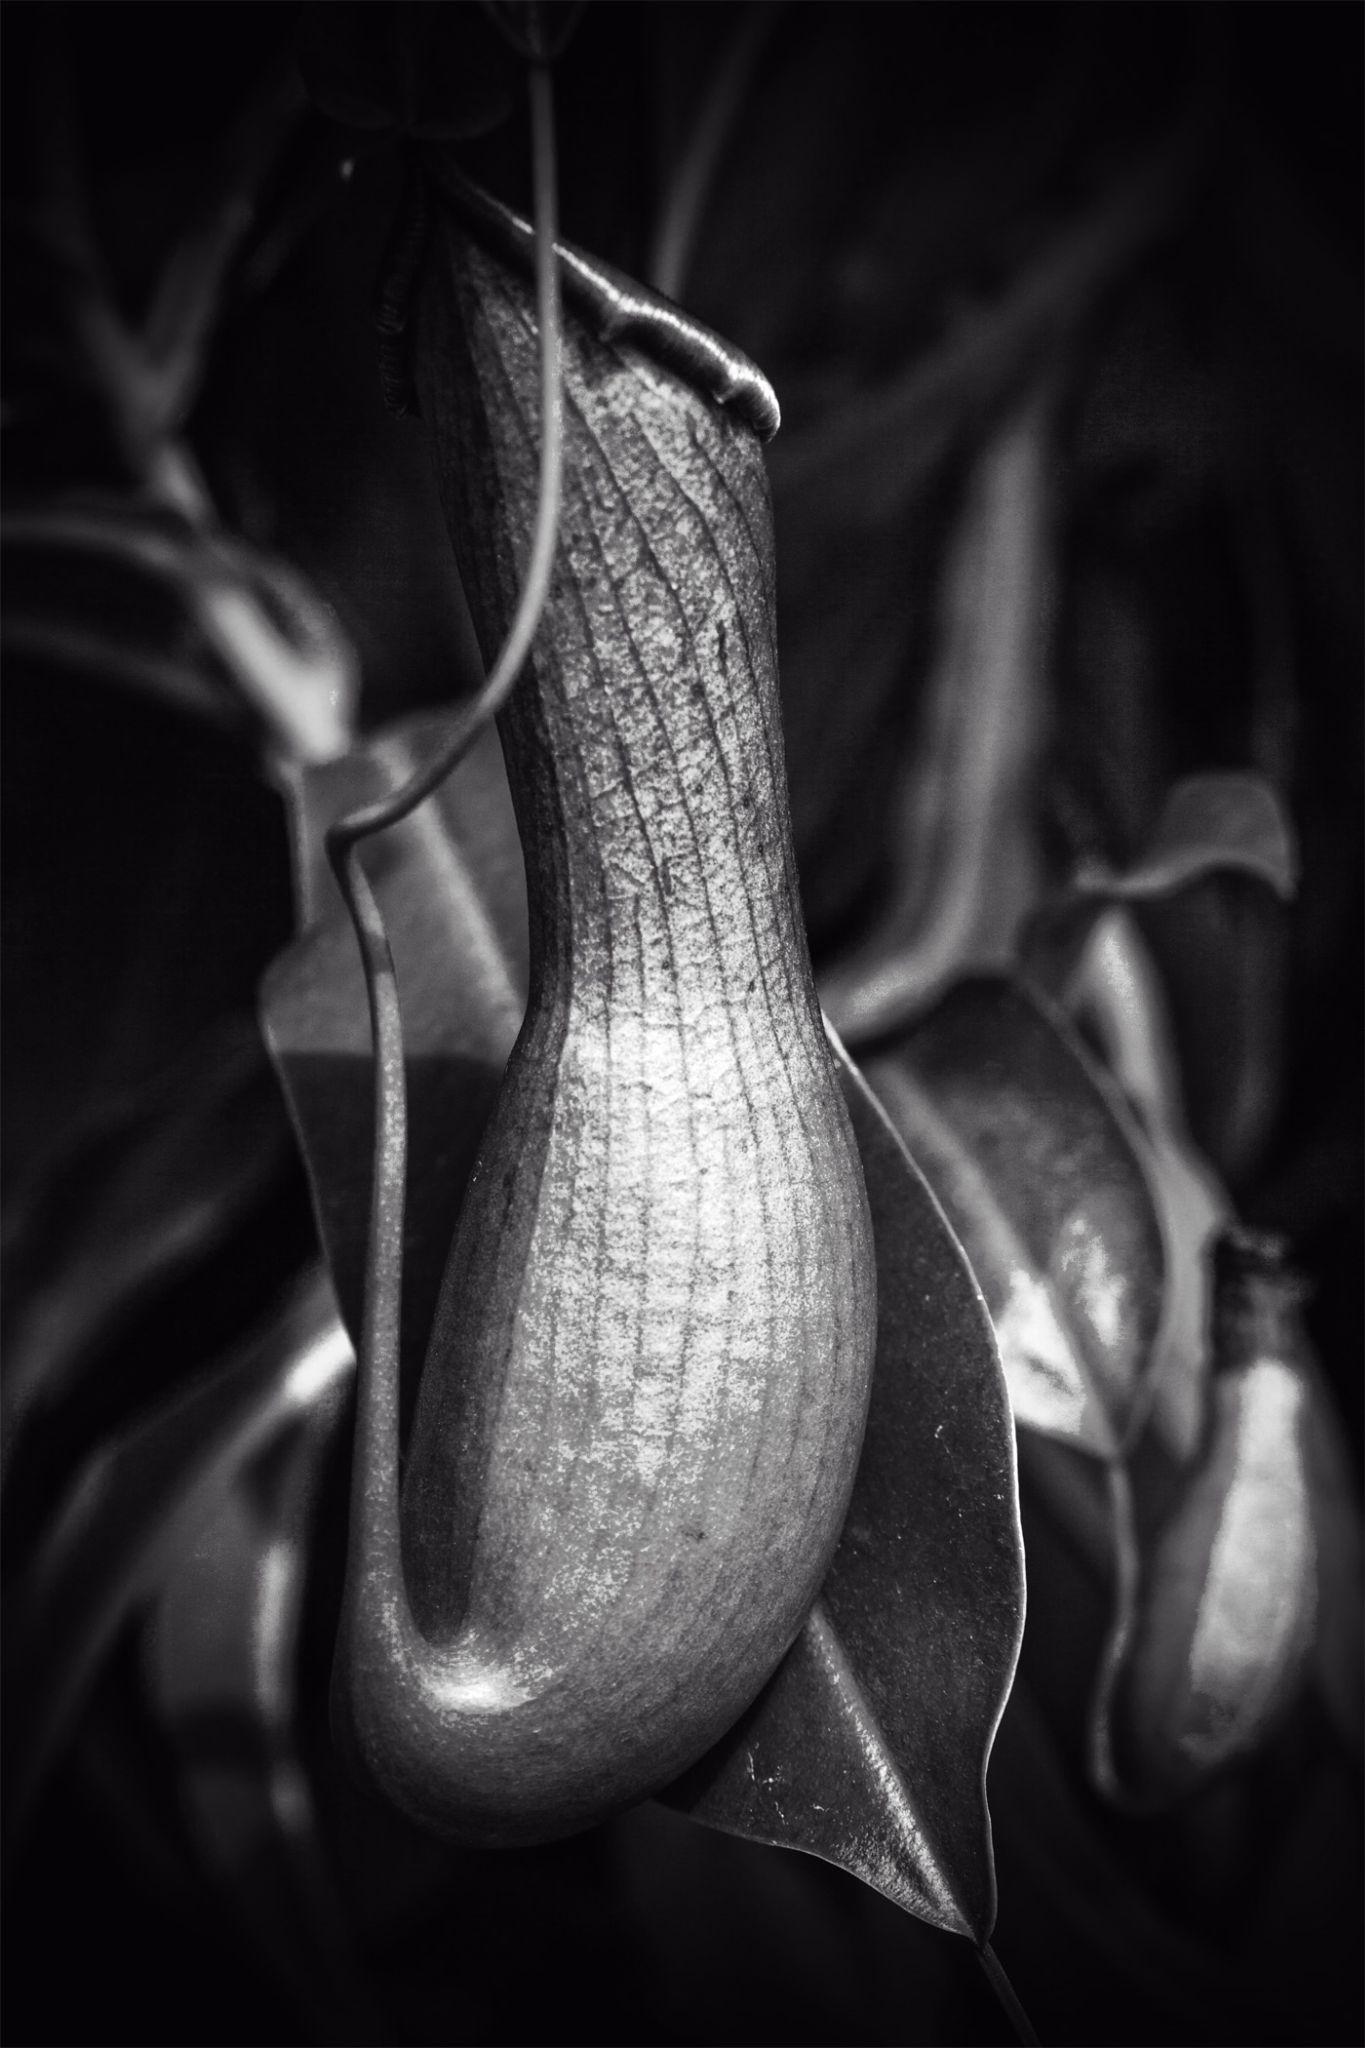 B & W Trumpet Plant by garyfhy